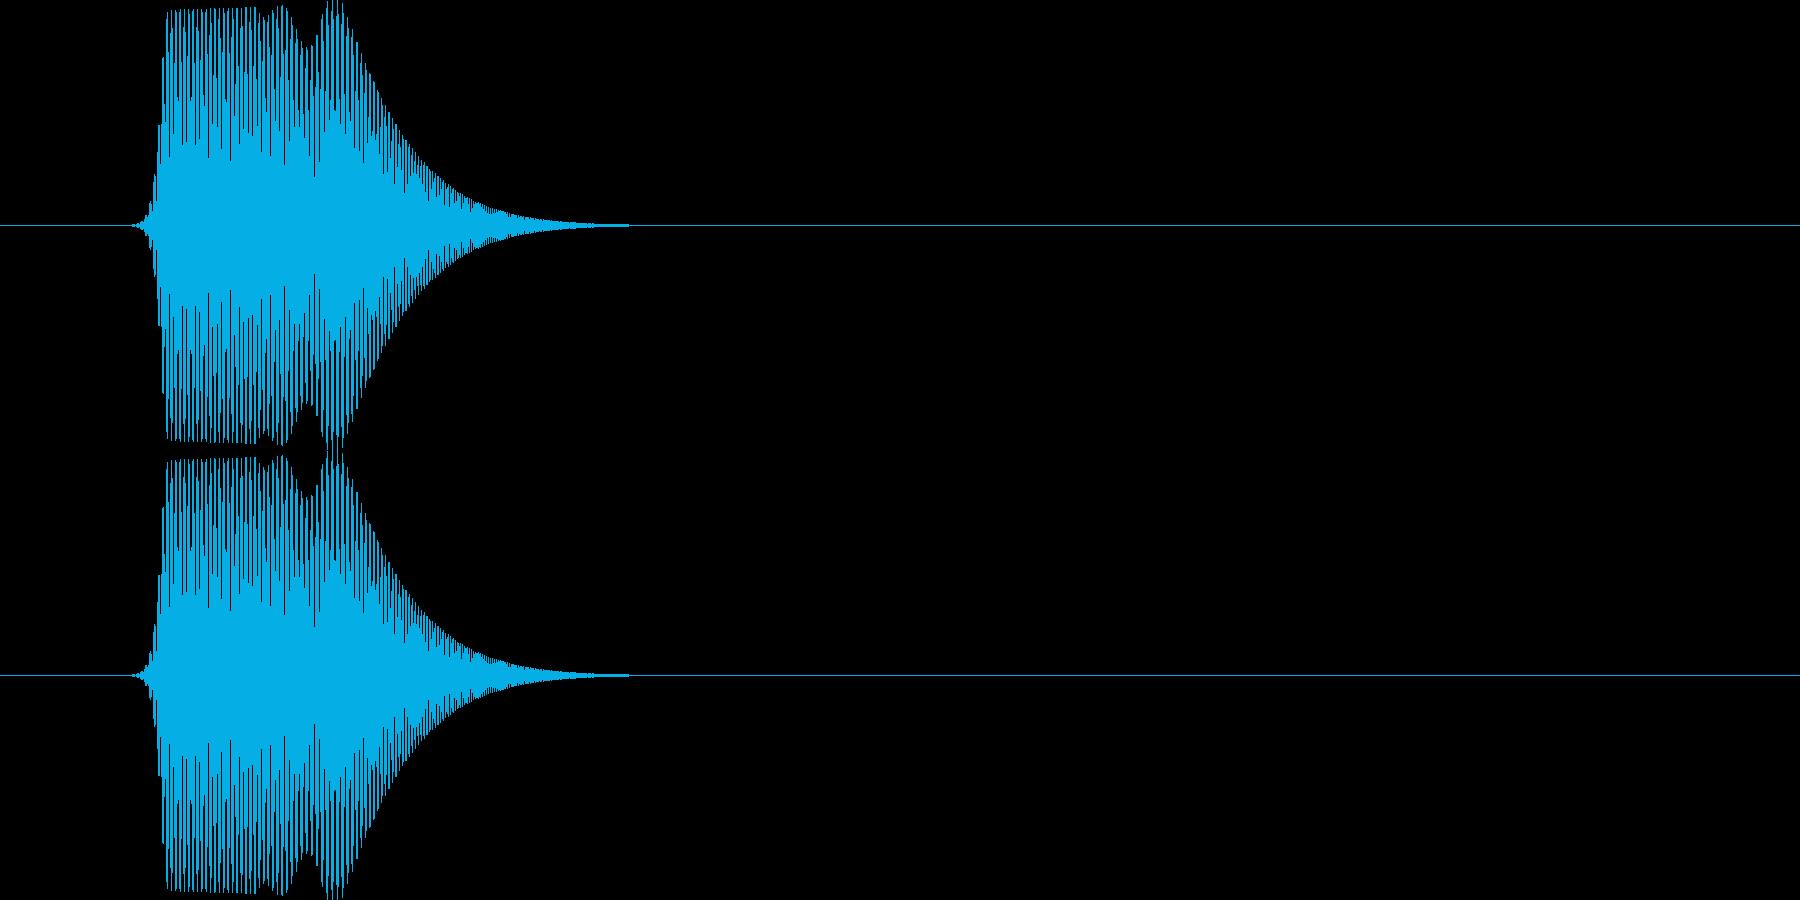 ポニュ(可愛いキャラクターの動作音)の再生済みの波形